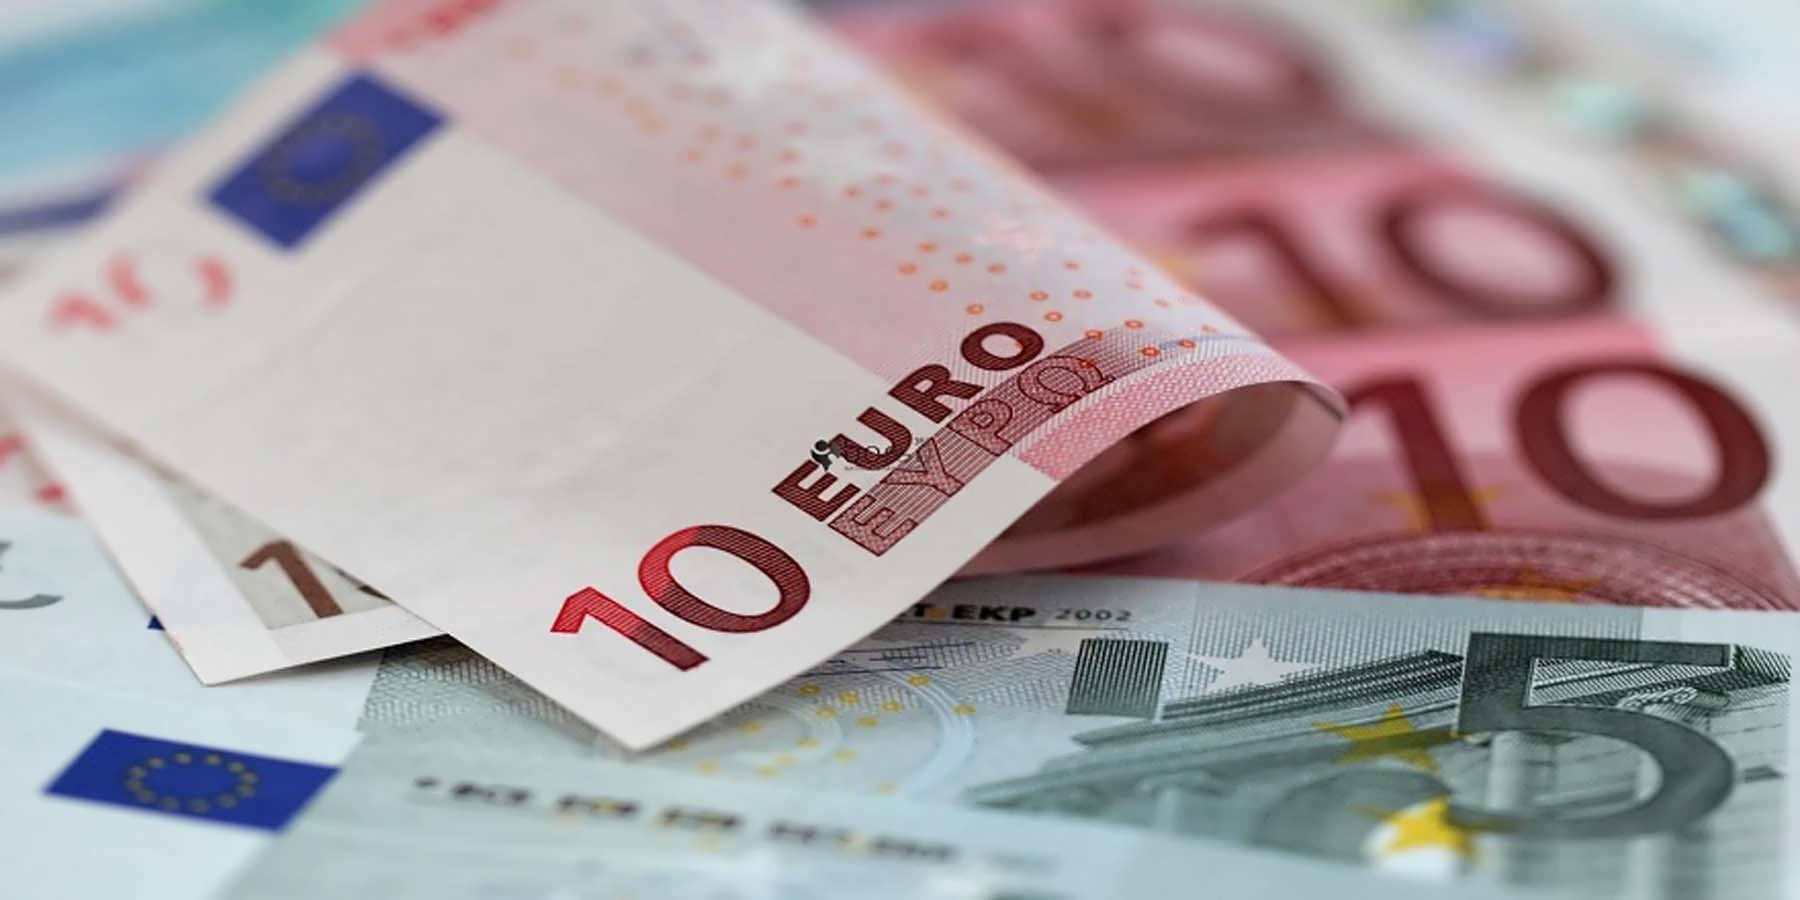 Merkez Bankası Açıklamalar Yaparak Piyasaya Müdahale Etti